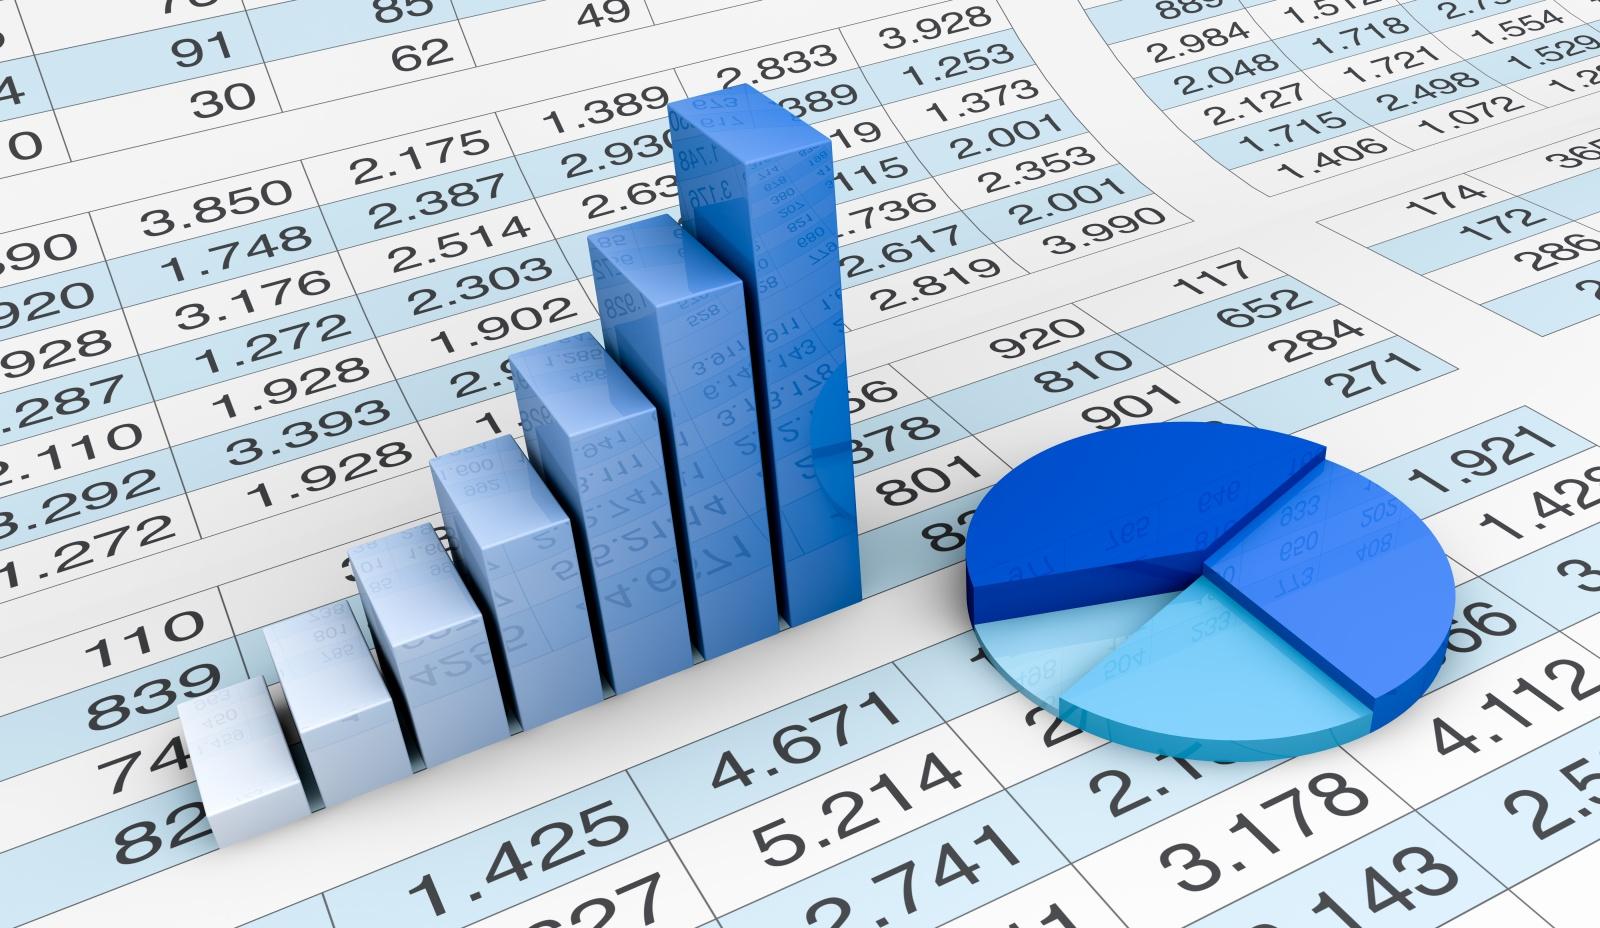 За три года расхождение таможенной статистики Казахстана и Китая сокращено  с 60% до 45%